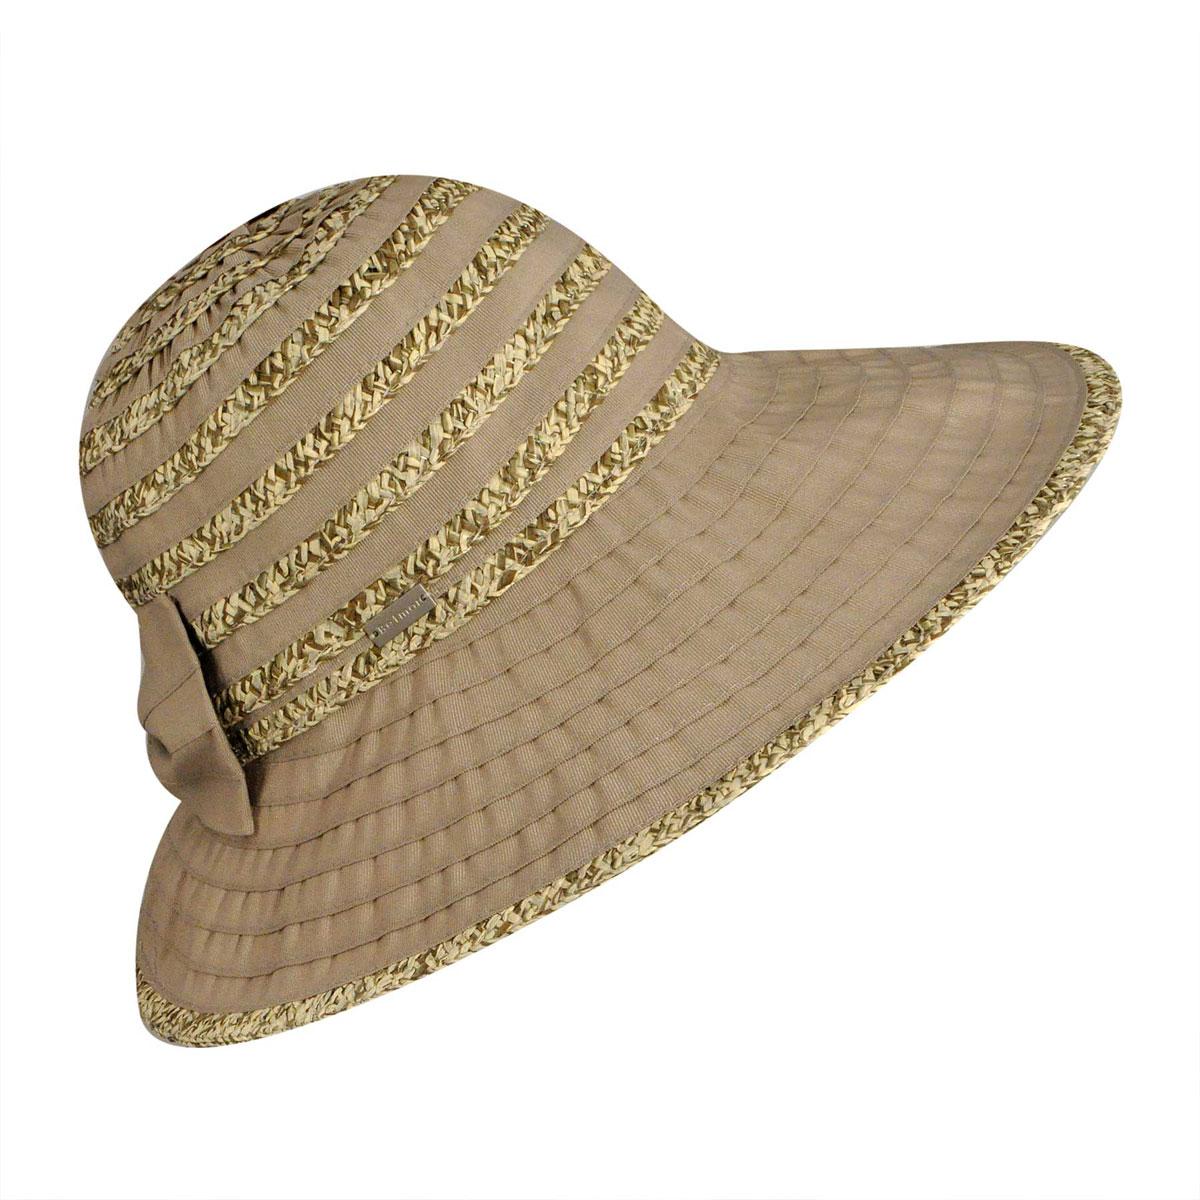 Betmar Donna Wide Brim Sun Hat in Sand Multi